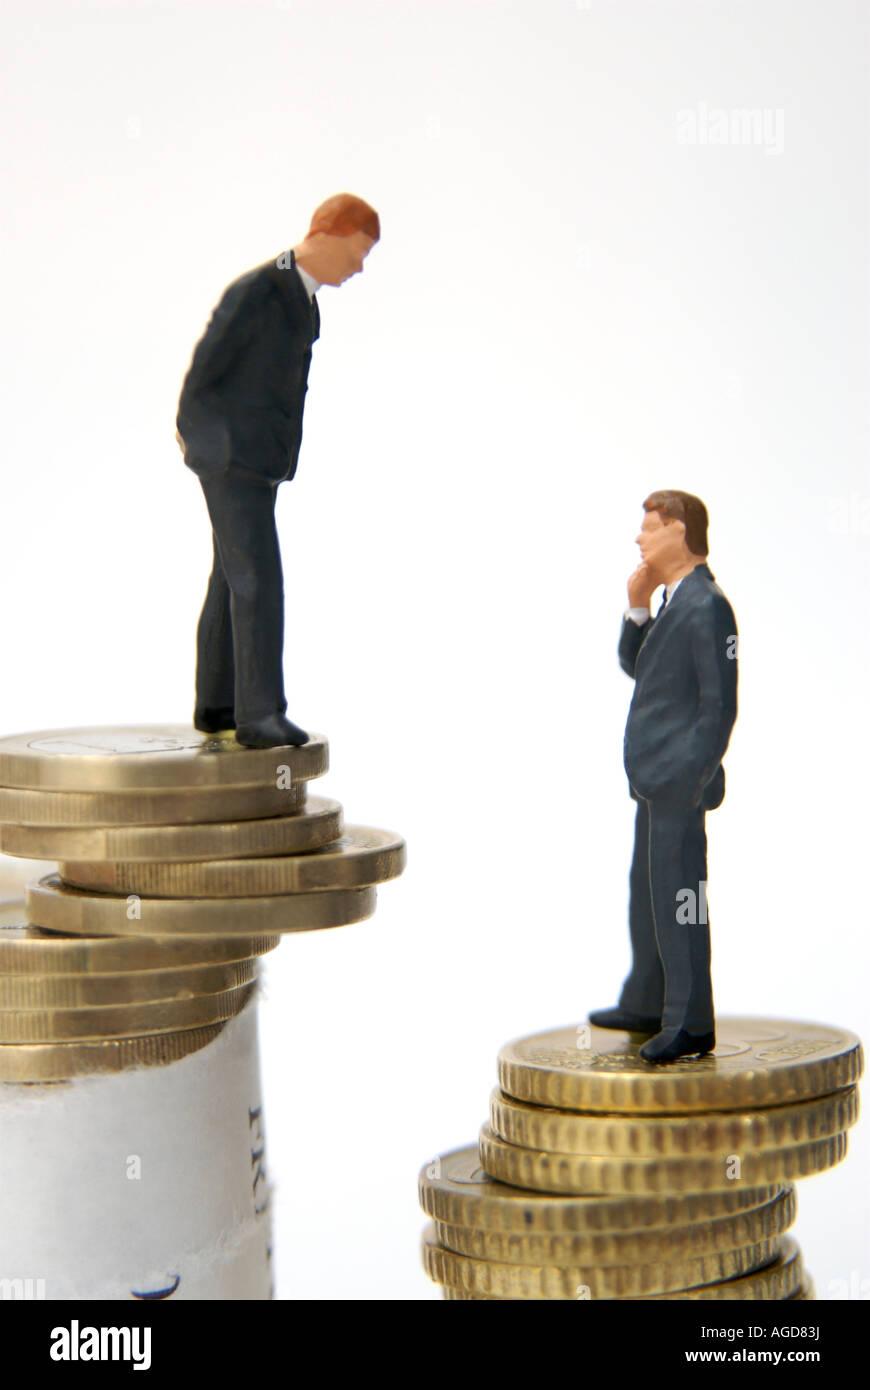 Unternehmen / Banken / Kredite / Finanzen / übernehmen / Anlagekonzept - zwei Figuren stehen auf Pfählen Stockbild